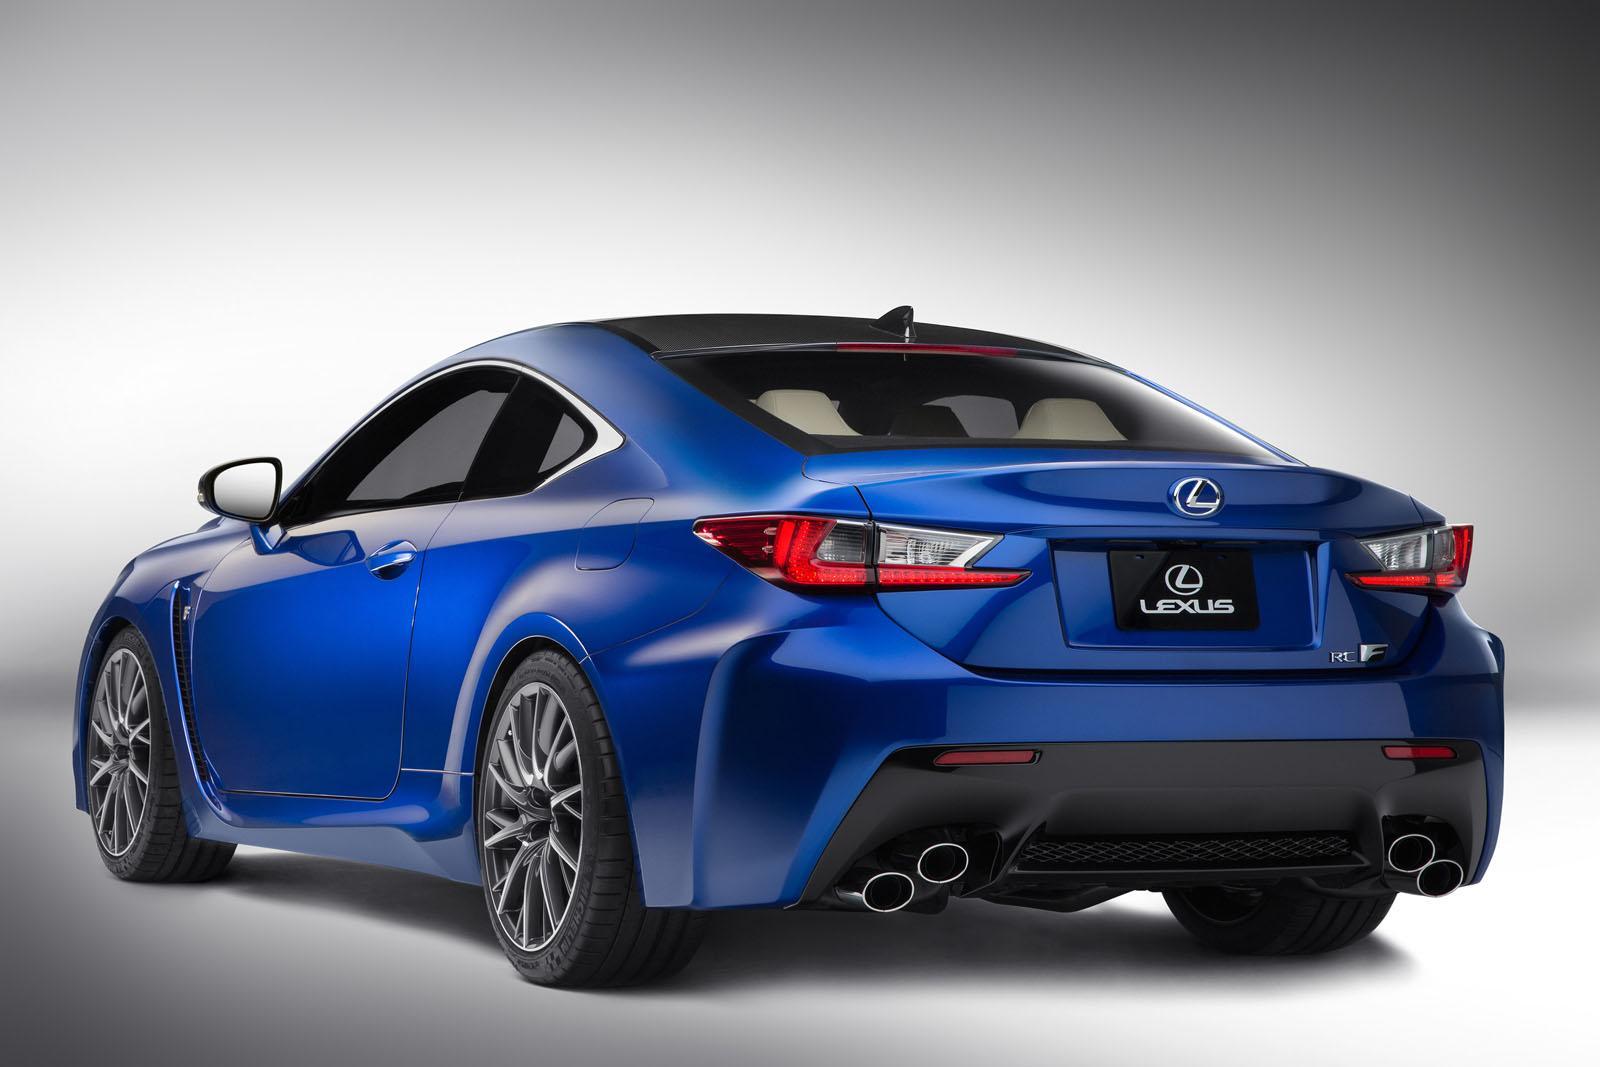 2014-Lexus-RC-F-Coupe-4